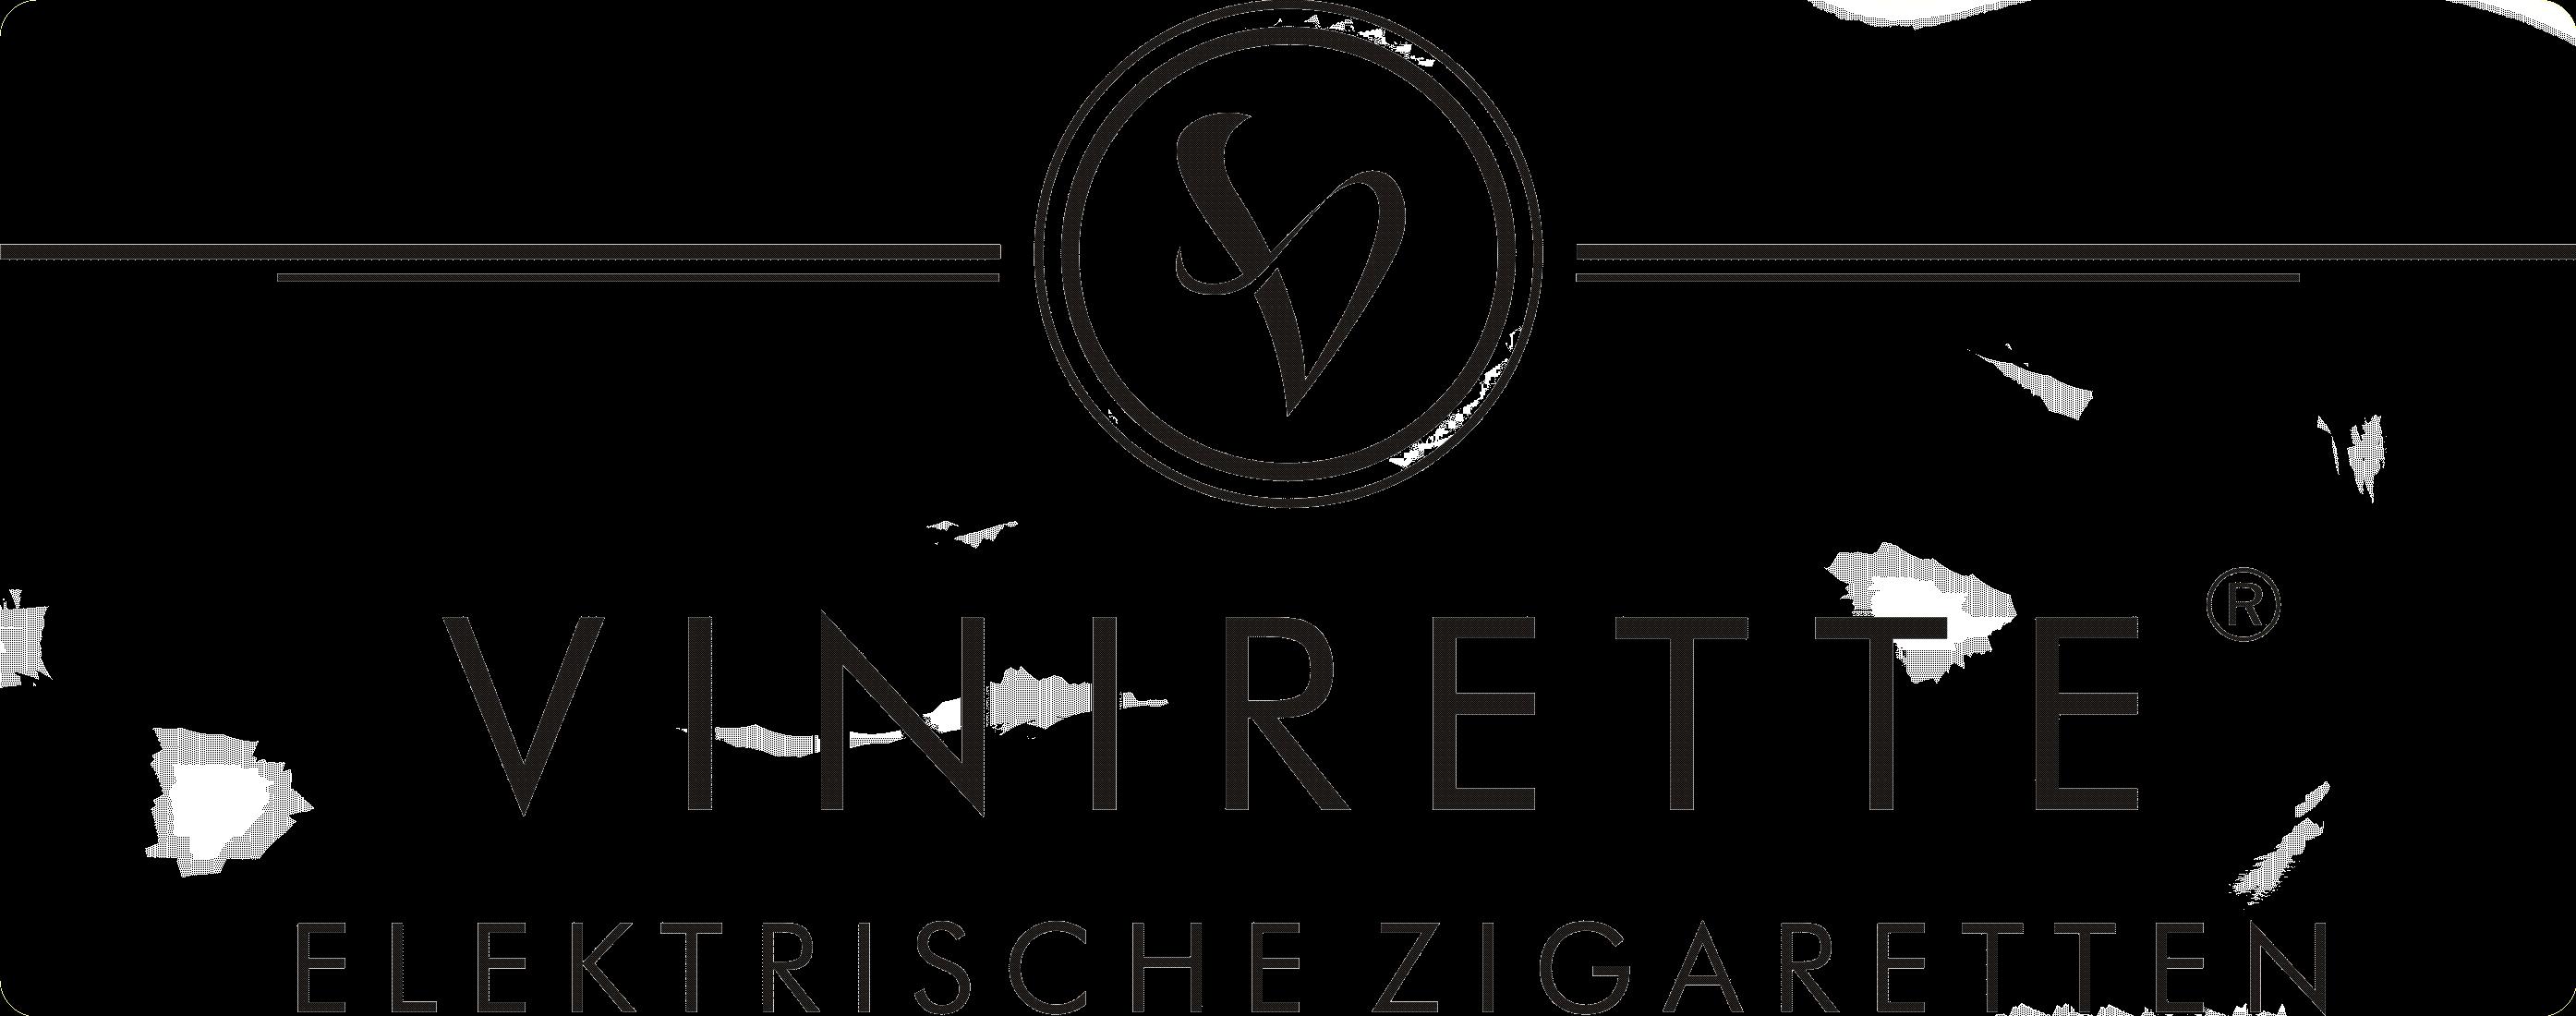 Vinirette Store Nürnberg